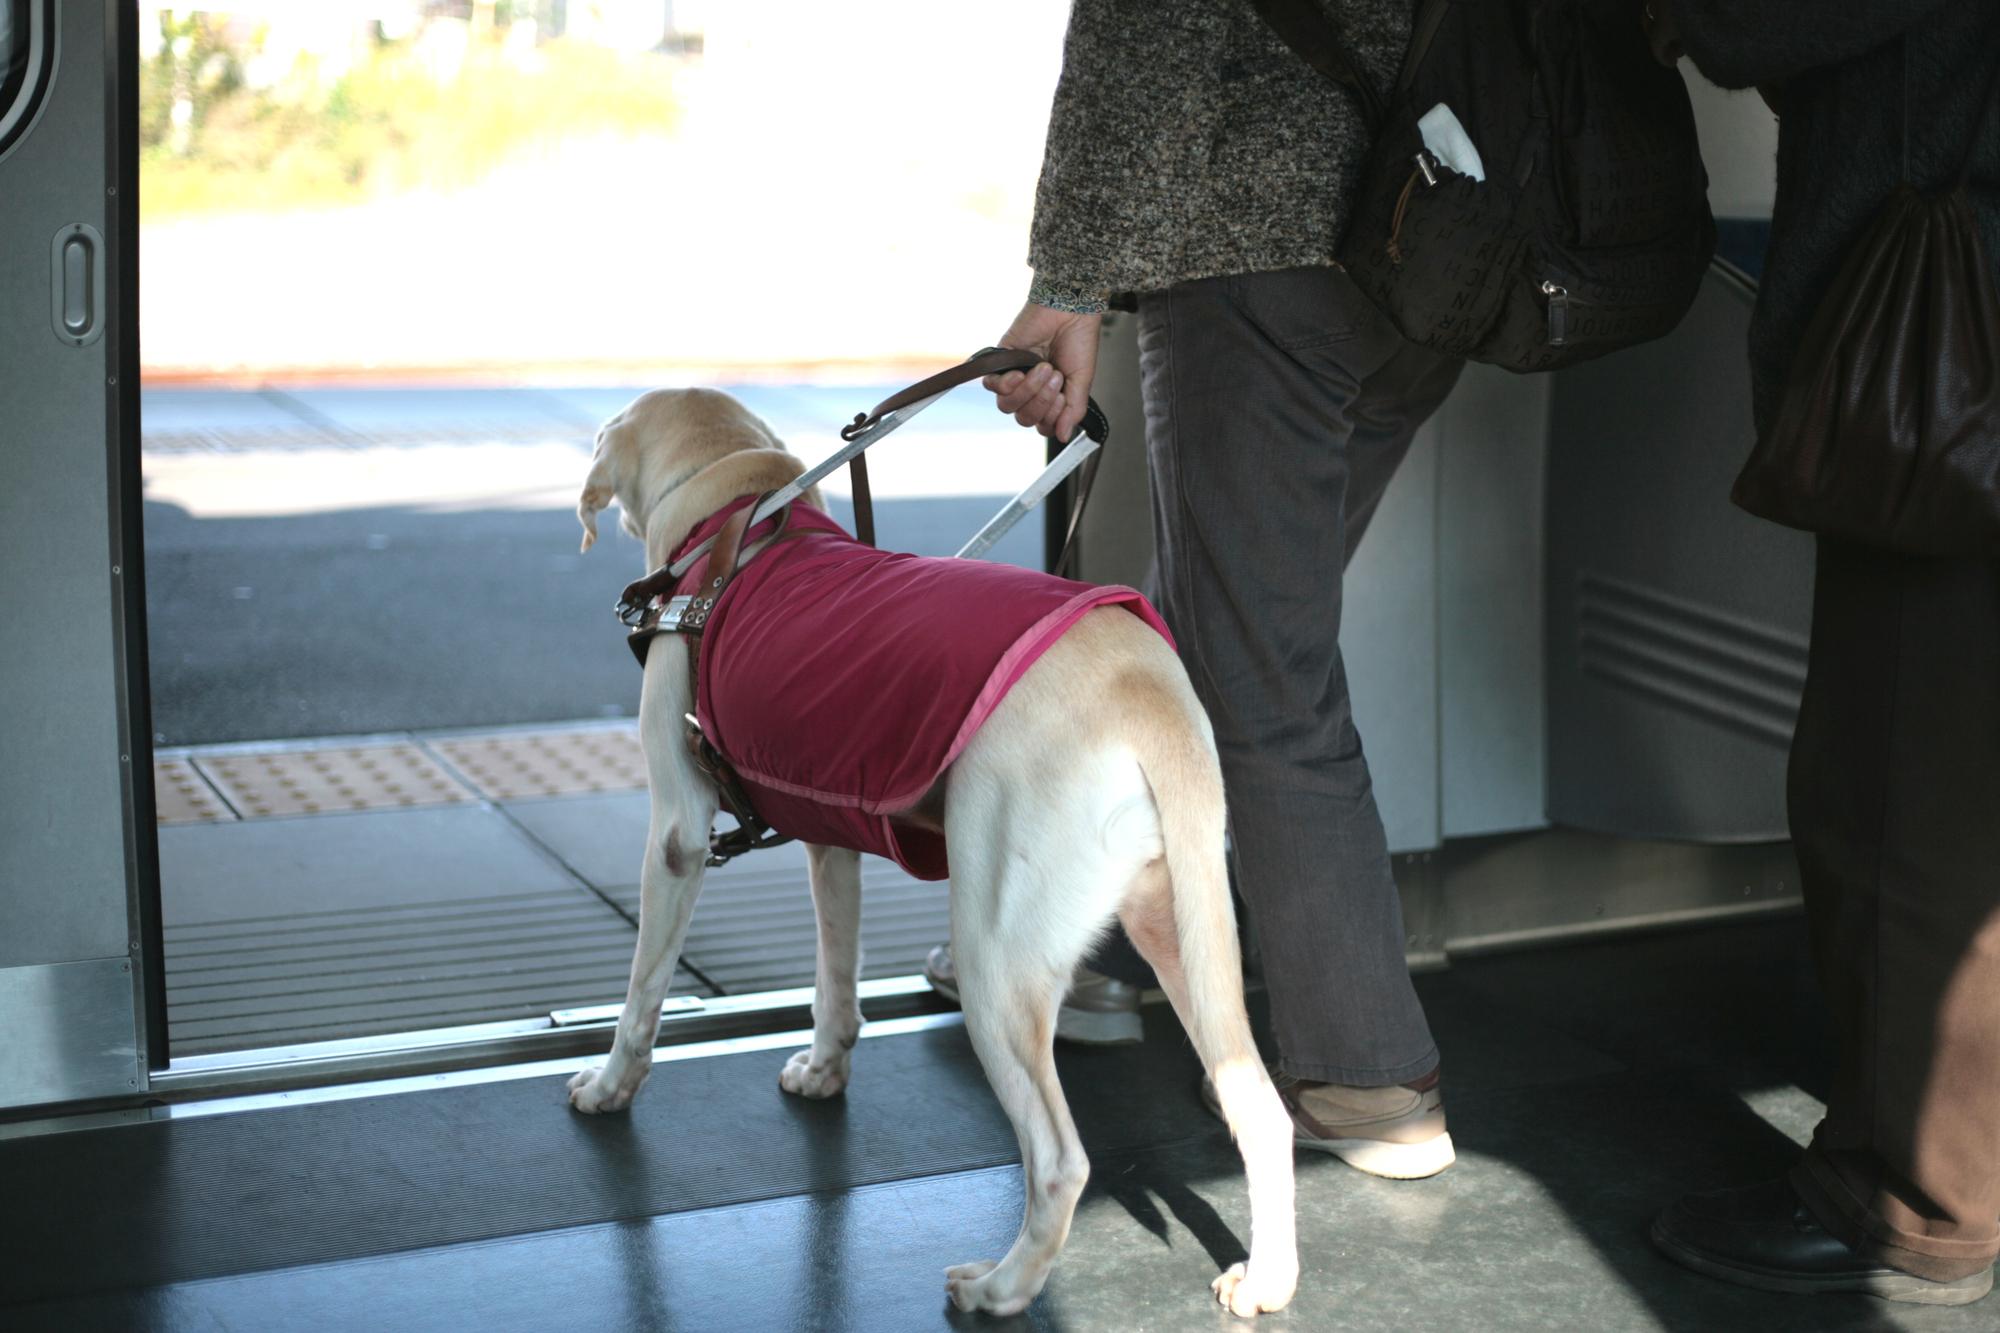 盲導犬が9年連続で減少…彼らの役割とは?